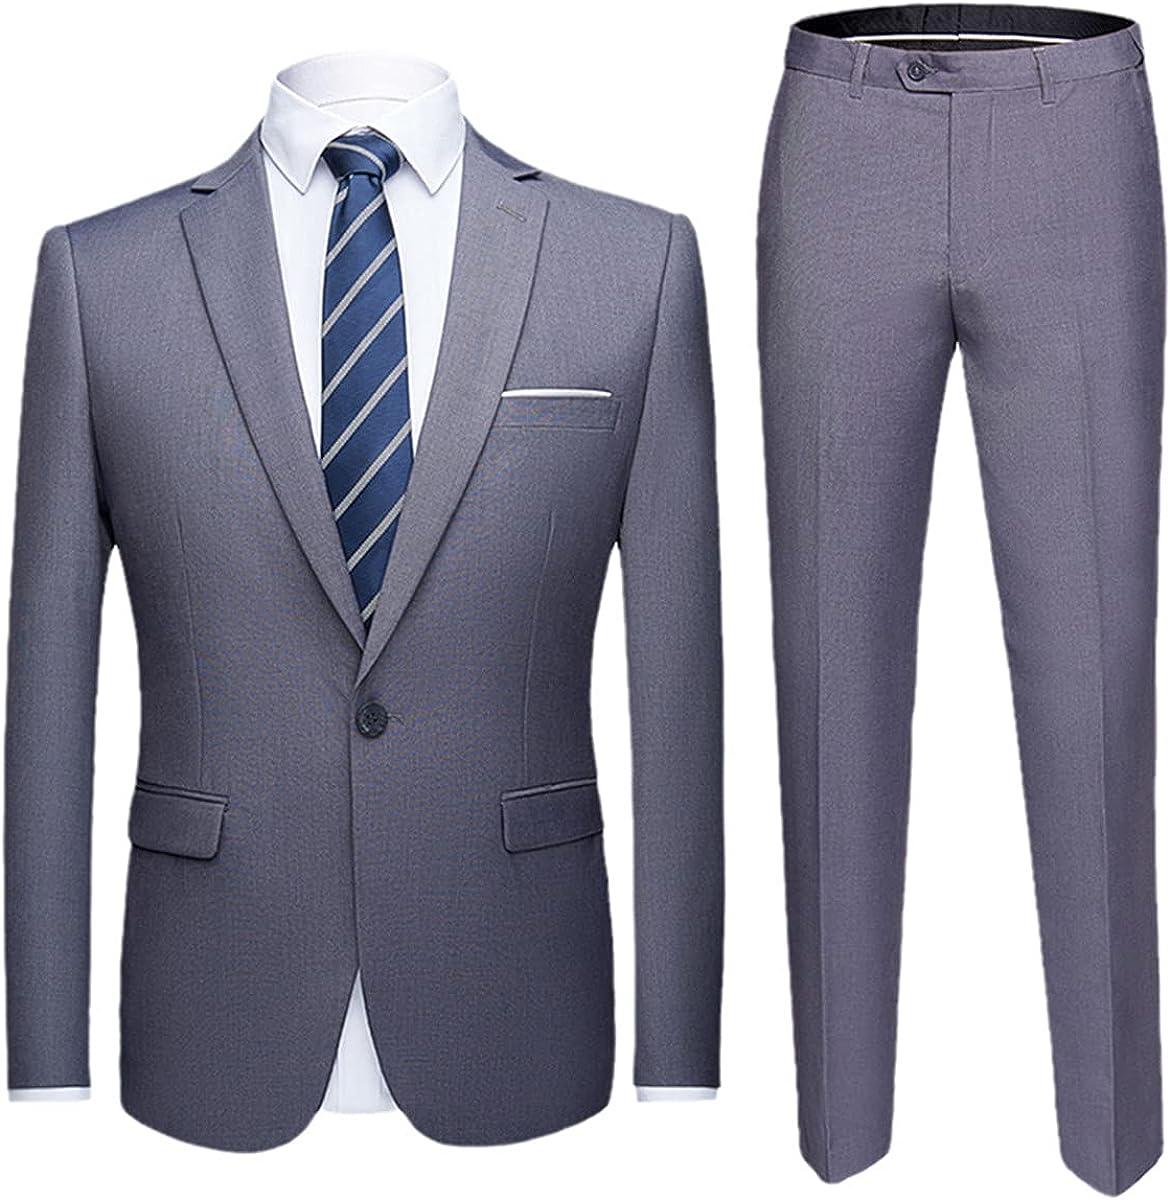 2 Sets of Men's Wedding Suit Men's Slim Business Office Plus Size Suit Jacket + Pants Men's Suit Suit